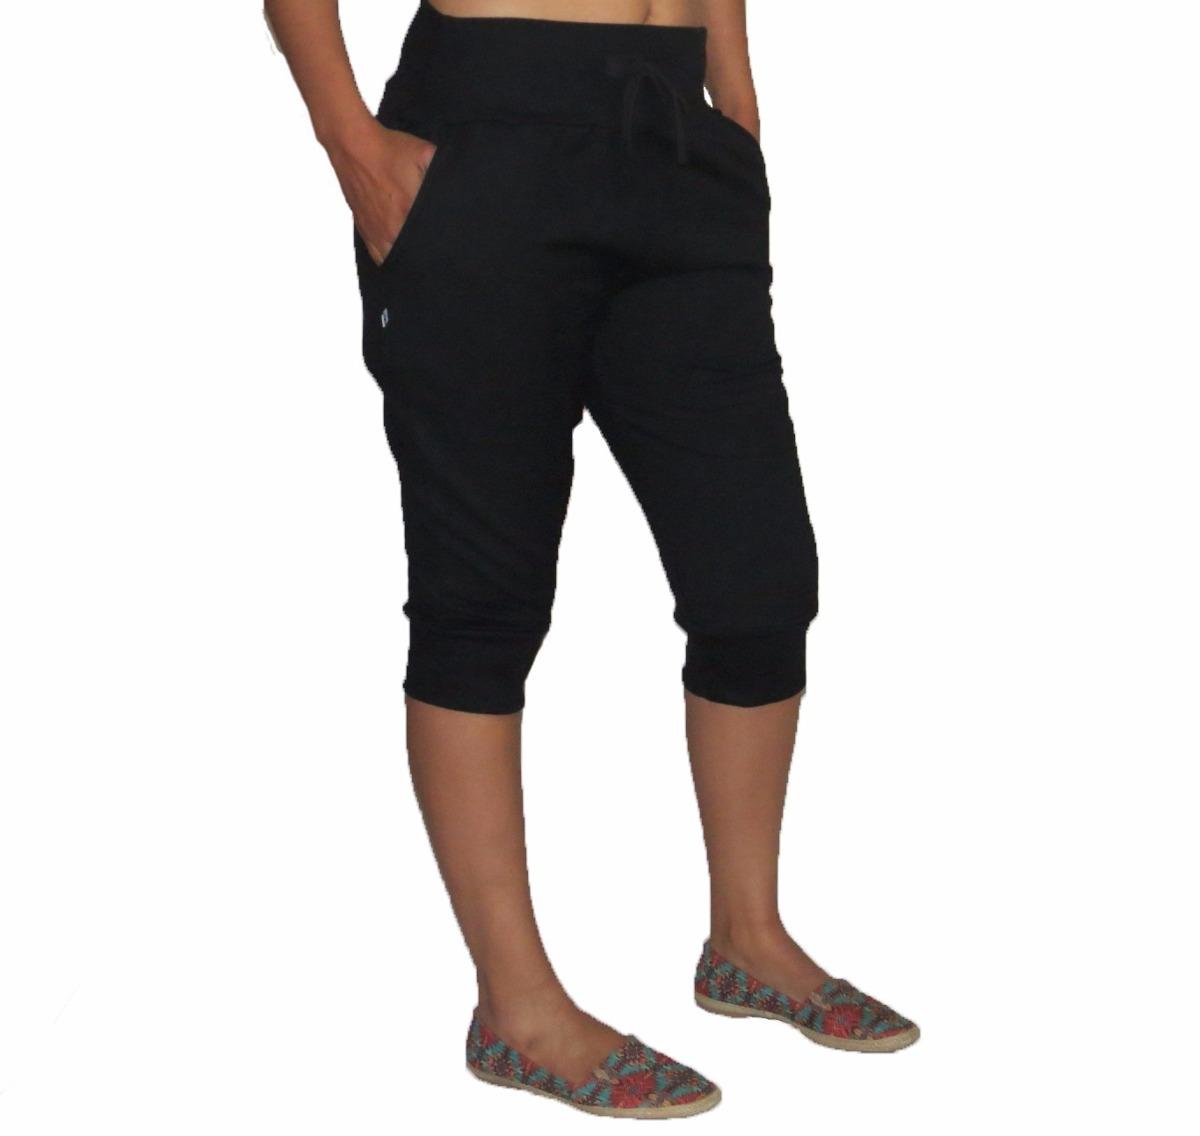 e8adb895573 bermuda feminina moletom capri calça skinny slim 3 4 saruel. Carregando  zoom.